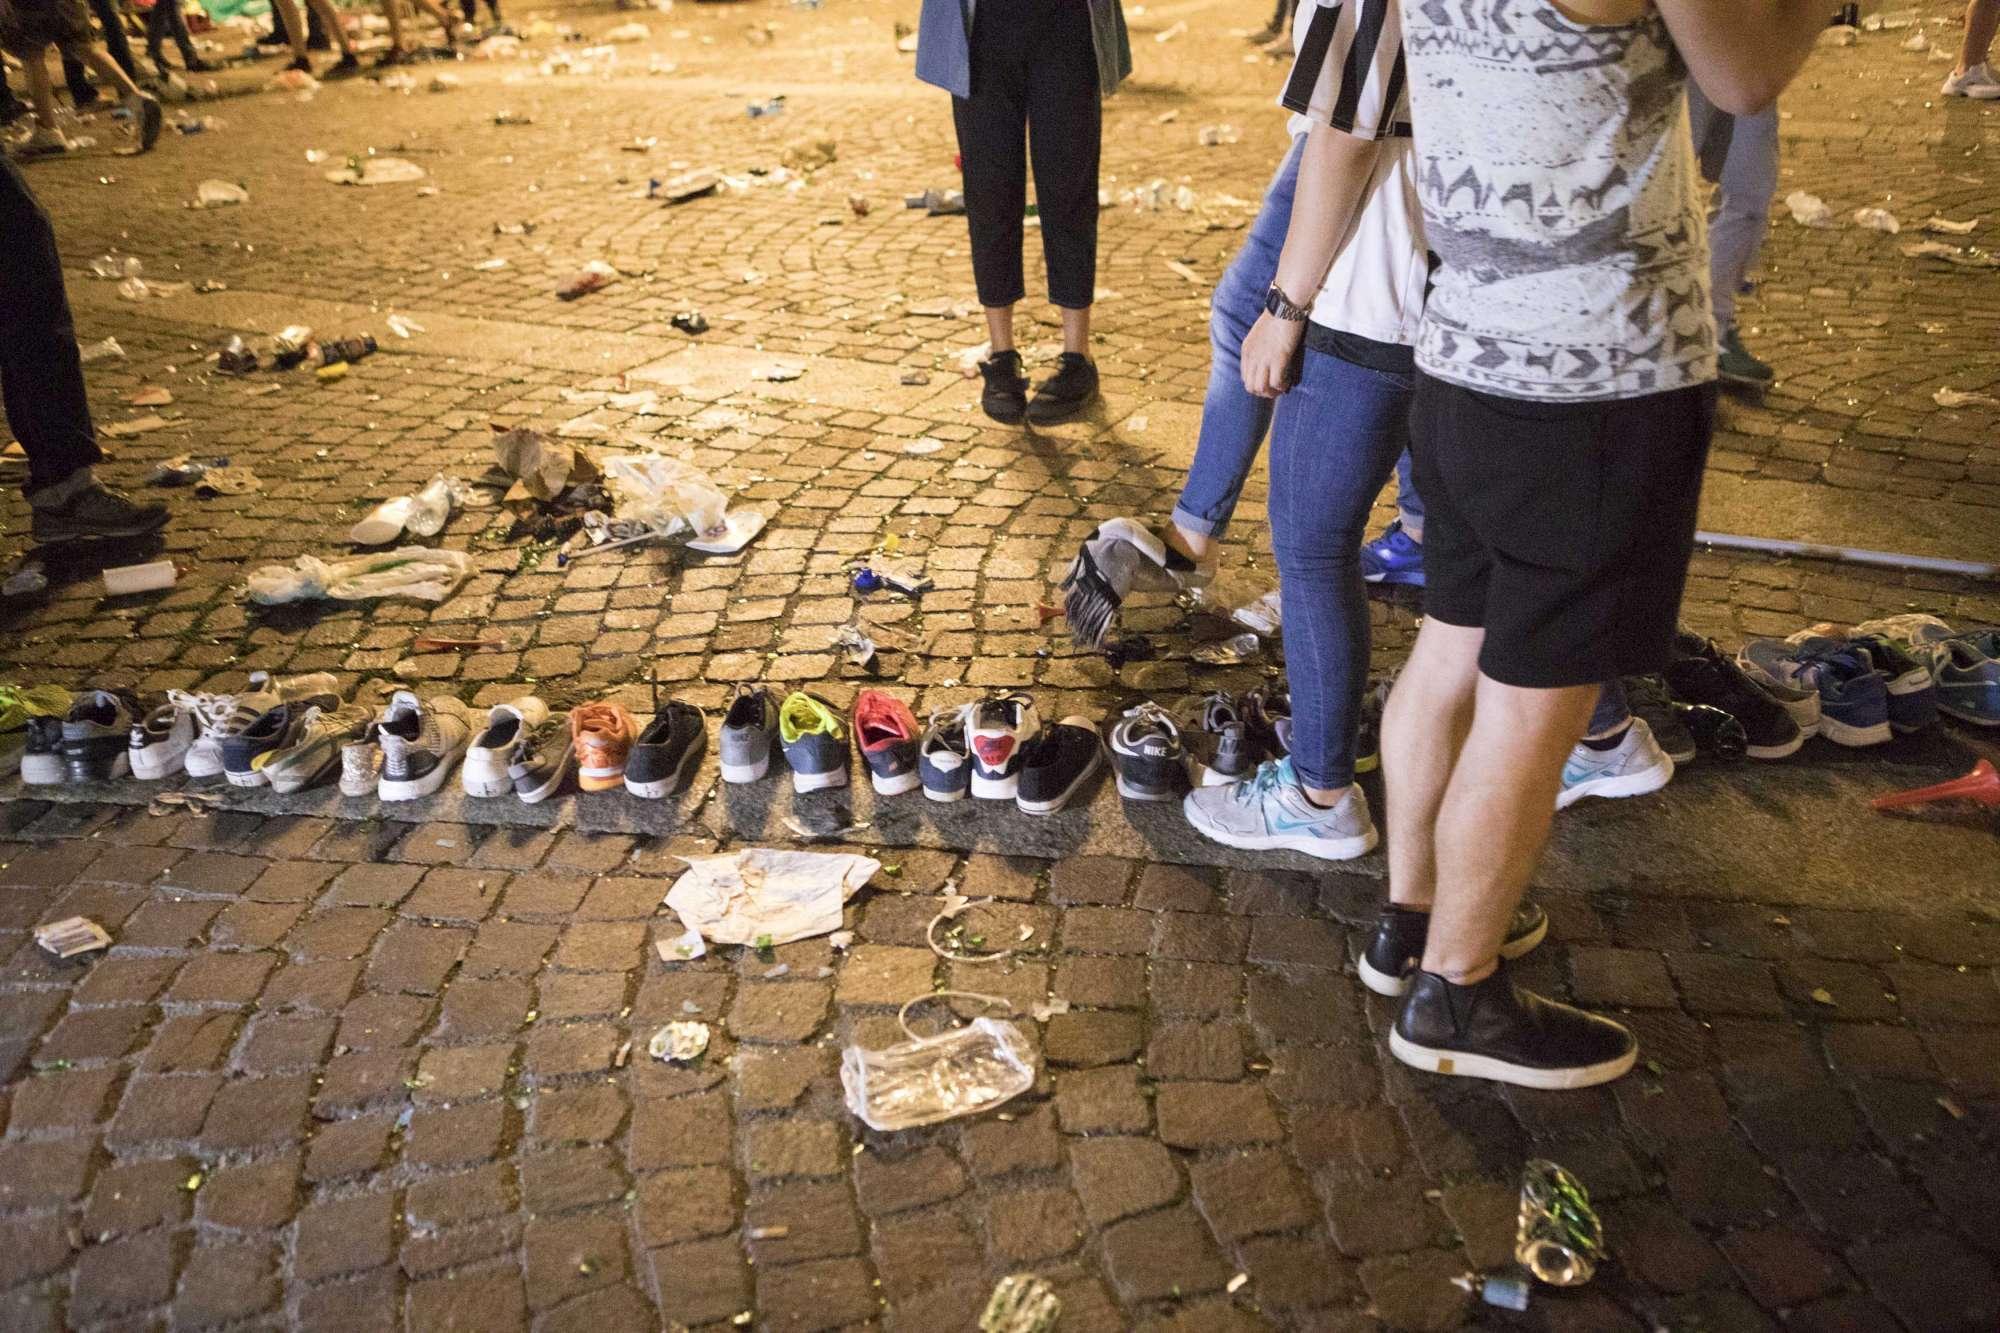 Champions League, panico a Torino: le scarpe perse dai tifosi della Juve in fuga